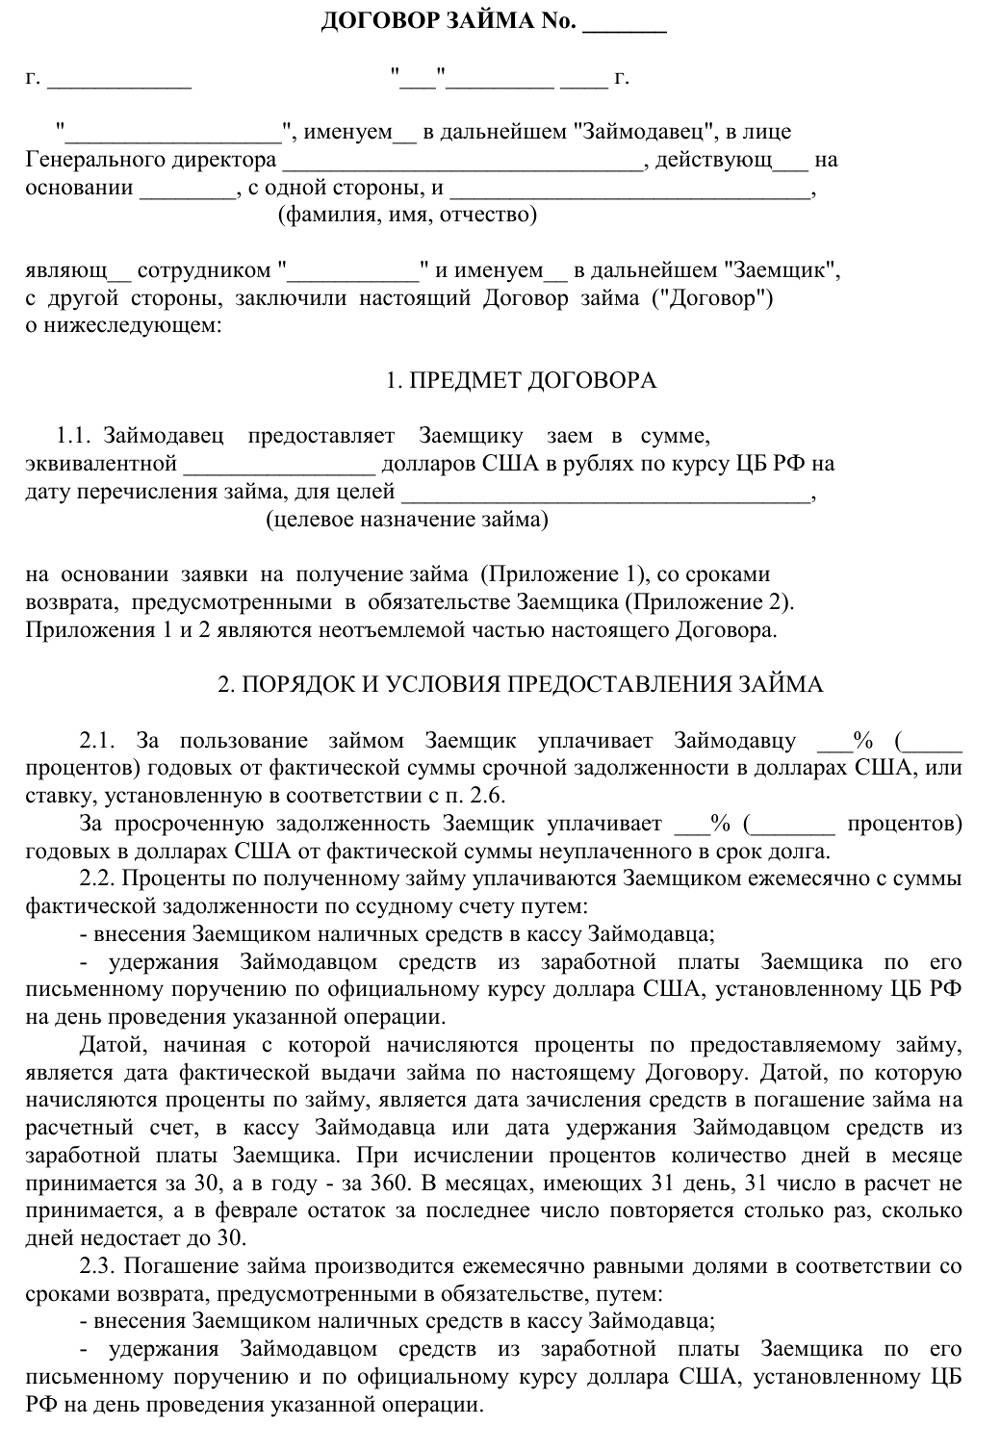 Займ под залог авто в Москве, взять микрозаймы под залог